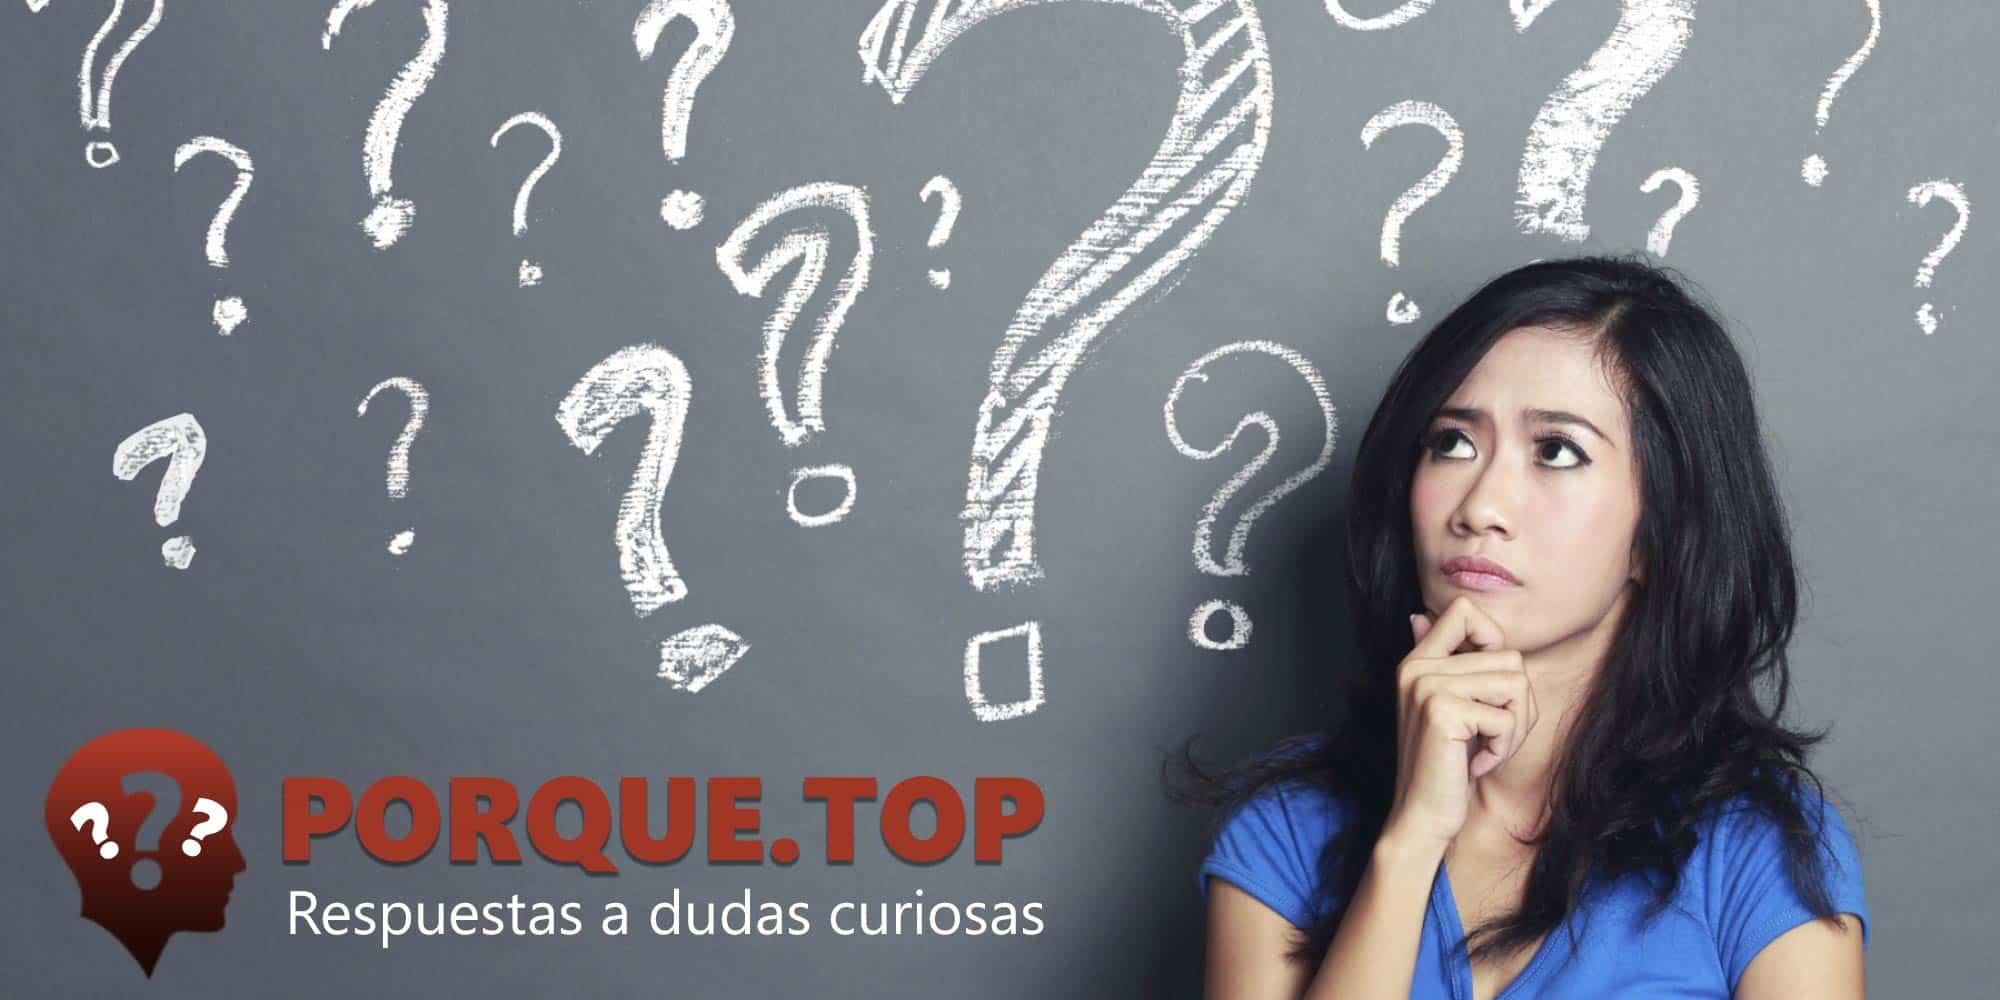 Qué es la Web PorQue.Top